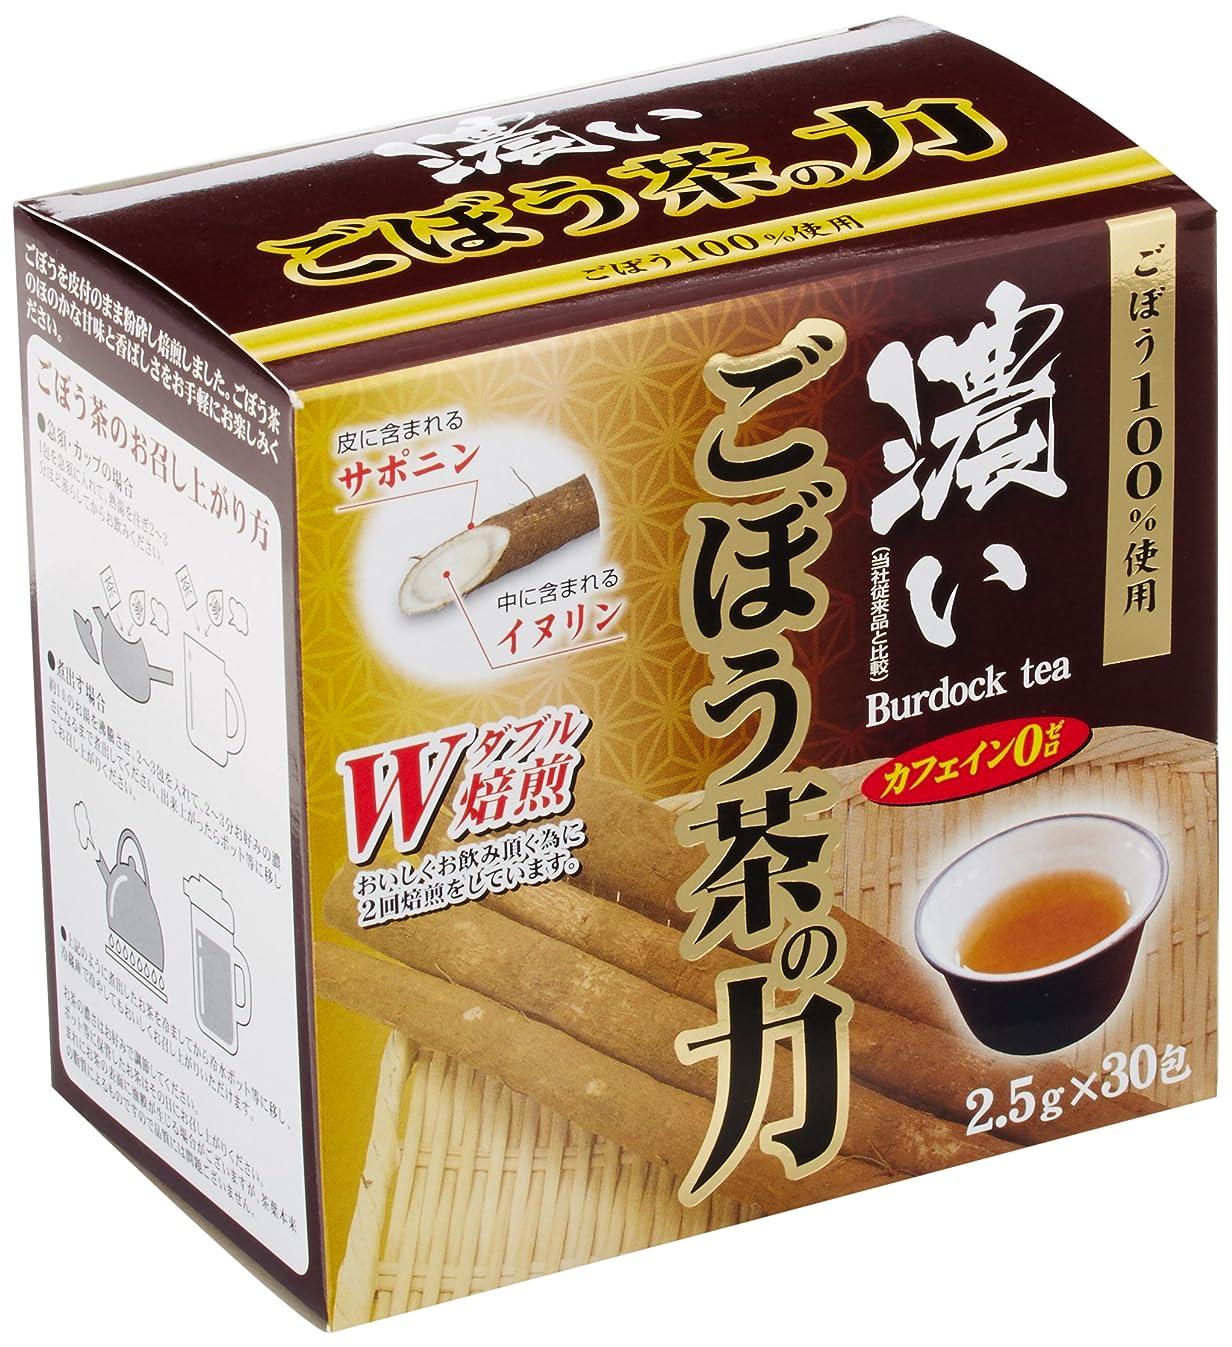 攻撃ウッズ五月ユーワ 濃いごぼう茶の力 2.5g×30包